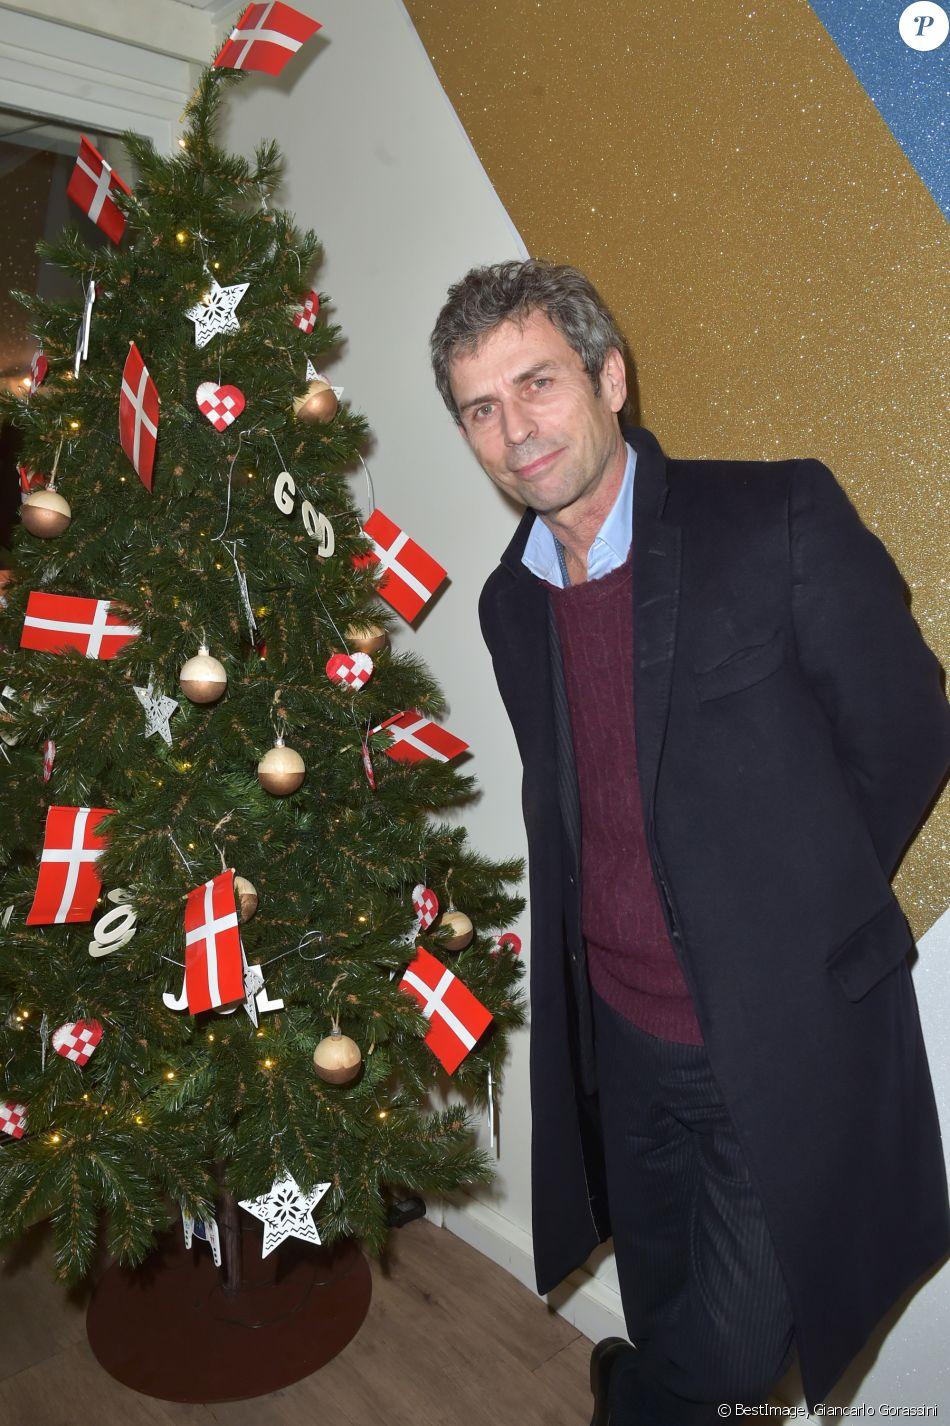 fr d ric tadde lors de l 39 inauguration de god jul joyeux no l danois au bhv marais le 15. Black Bedroom Furniture Sets. Home Design Ideas